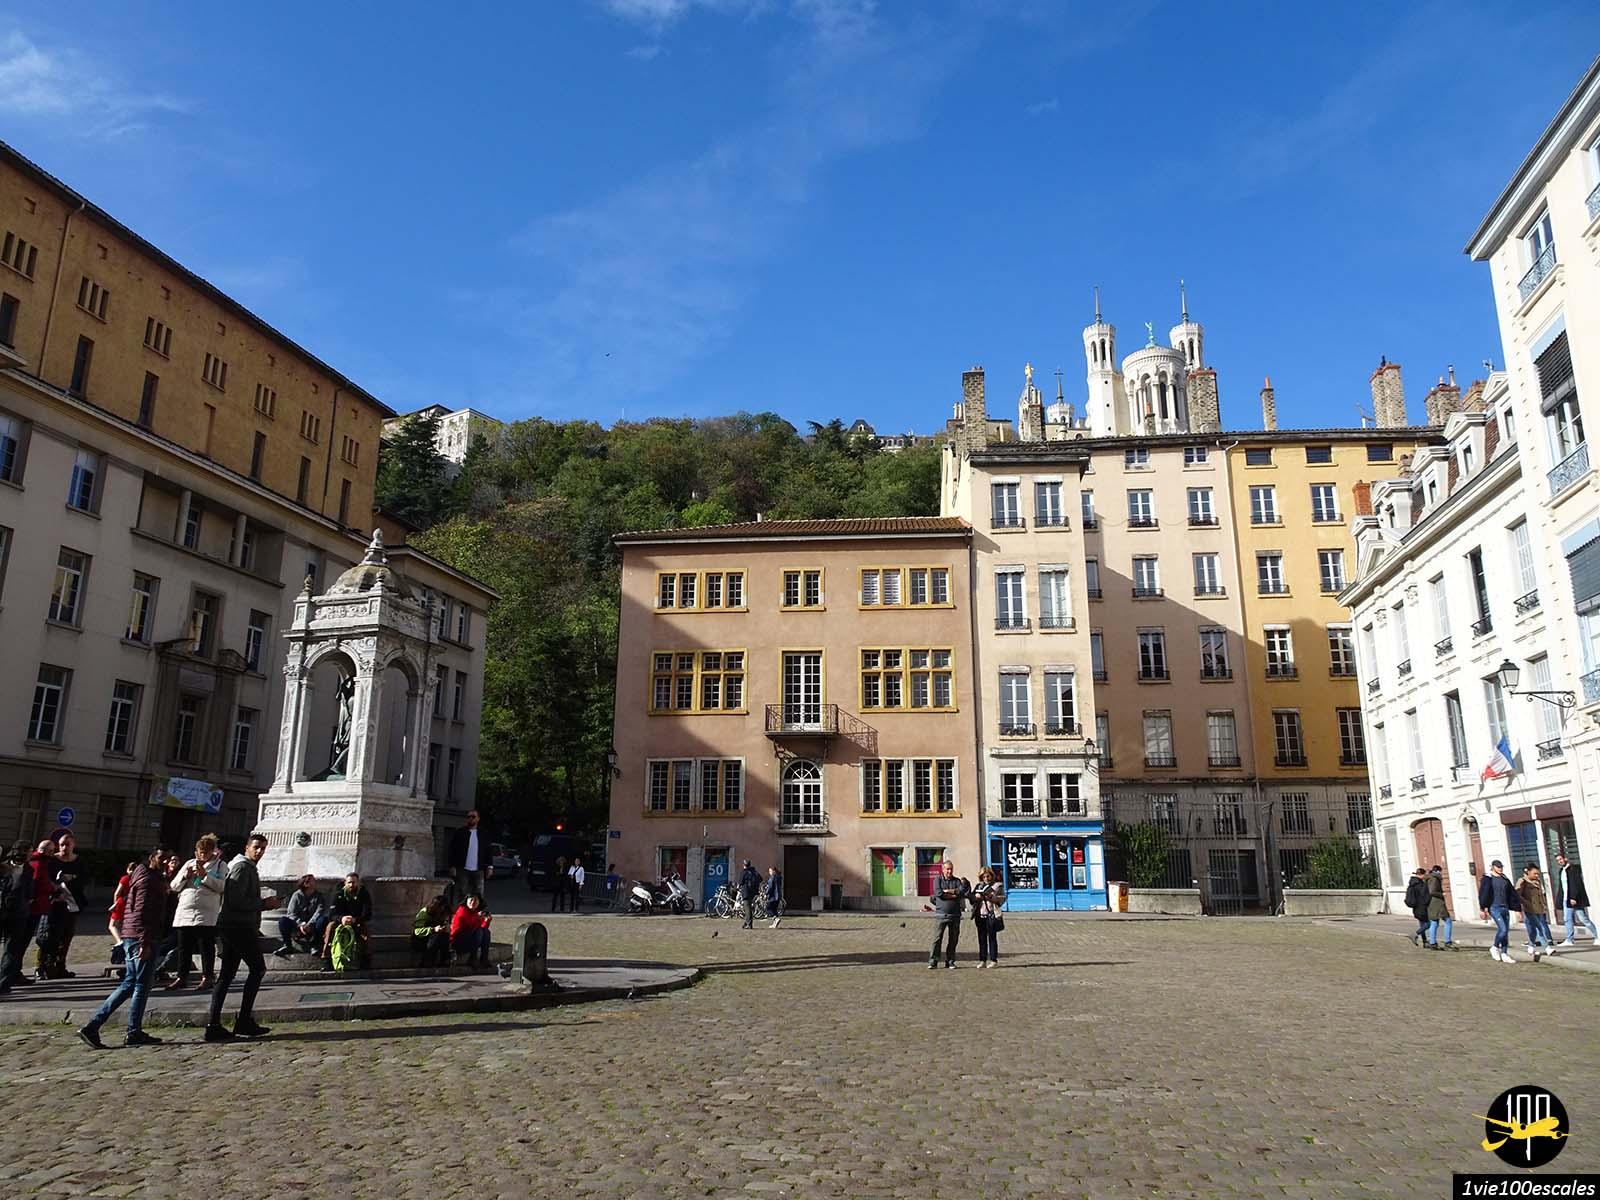 L'architecture colorée du vieux lyon avec la basilique en fond